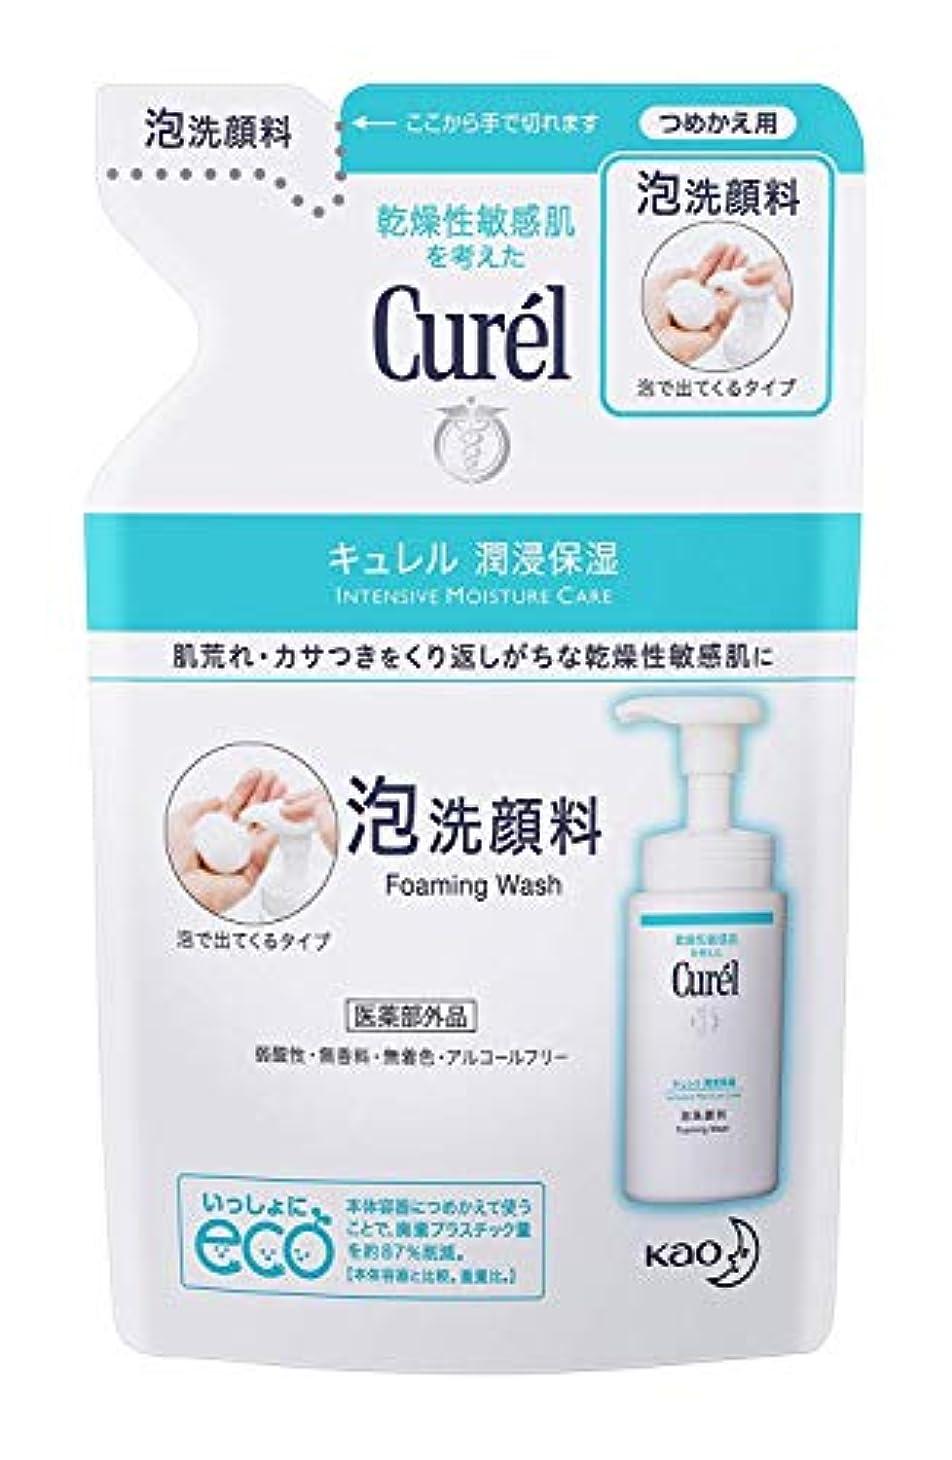 クレーン然としたからかう【花王】Curel(キュレル) 泡洗顔料 つめかえ用 130ml ×10個セット